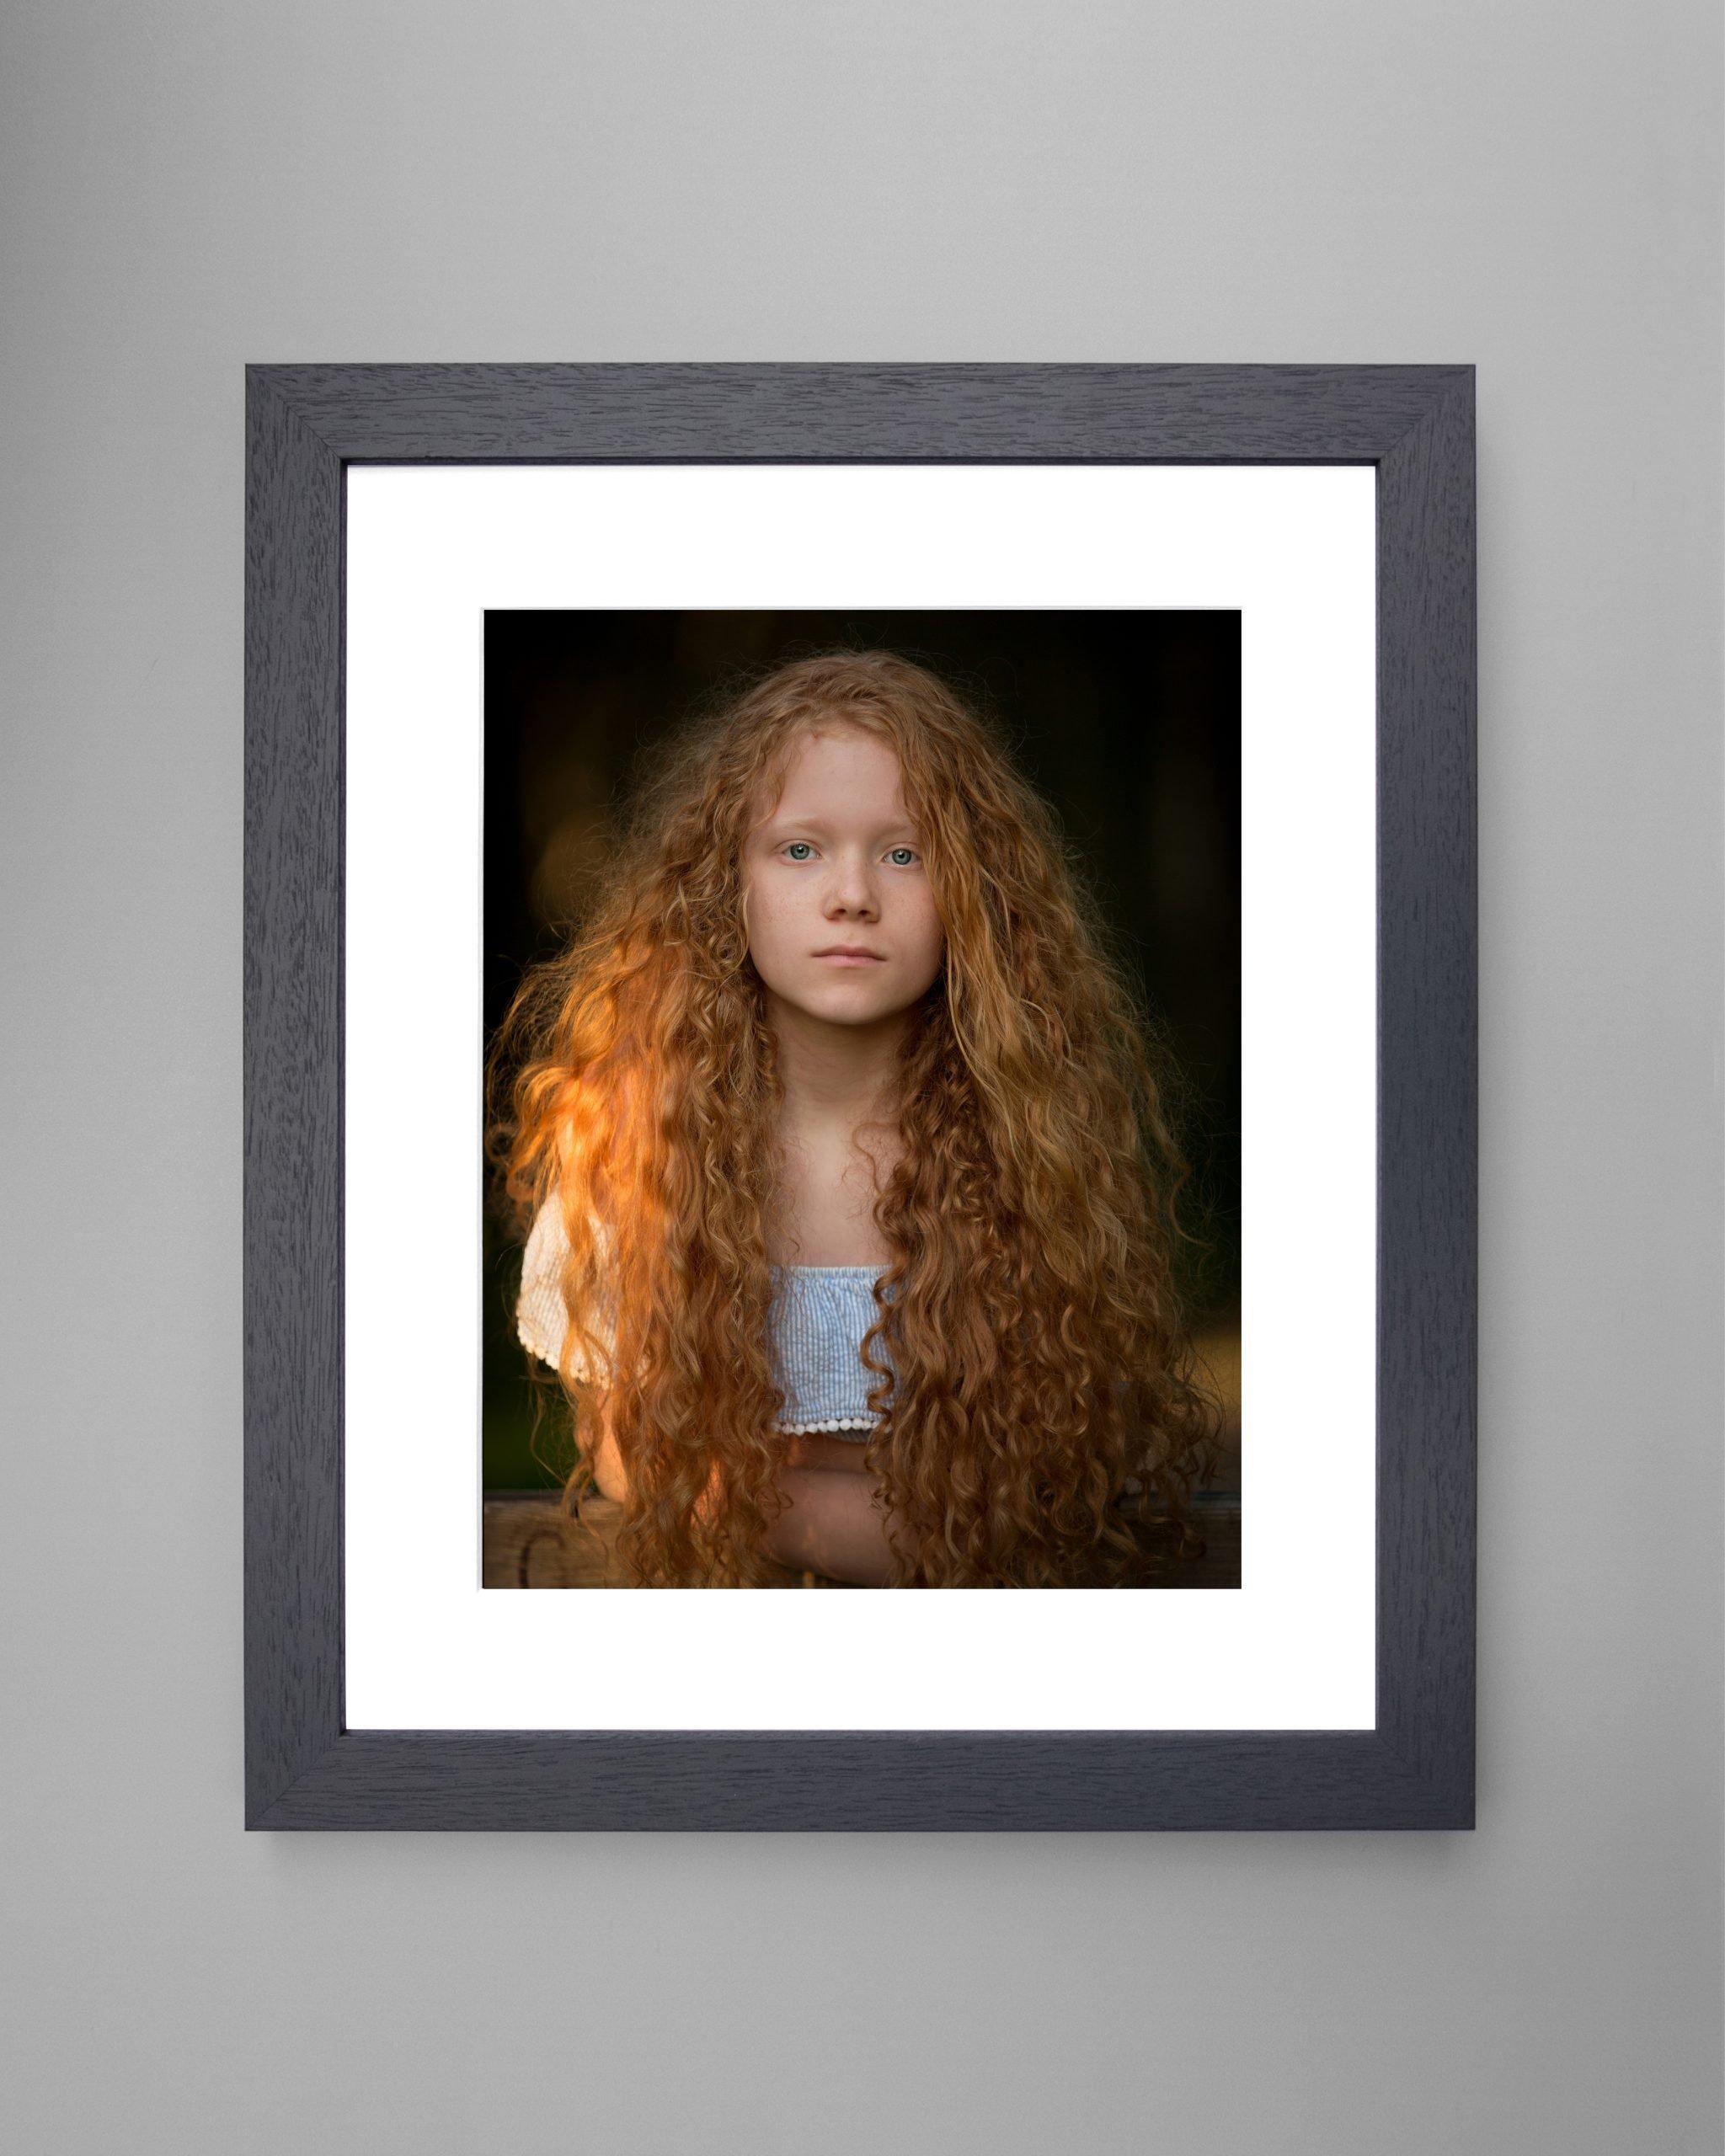 Framing your photos